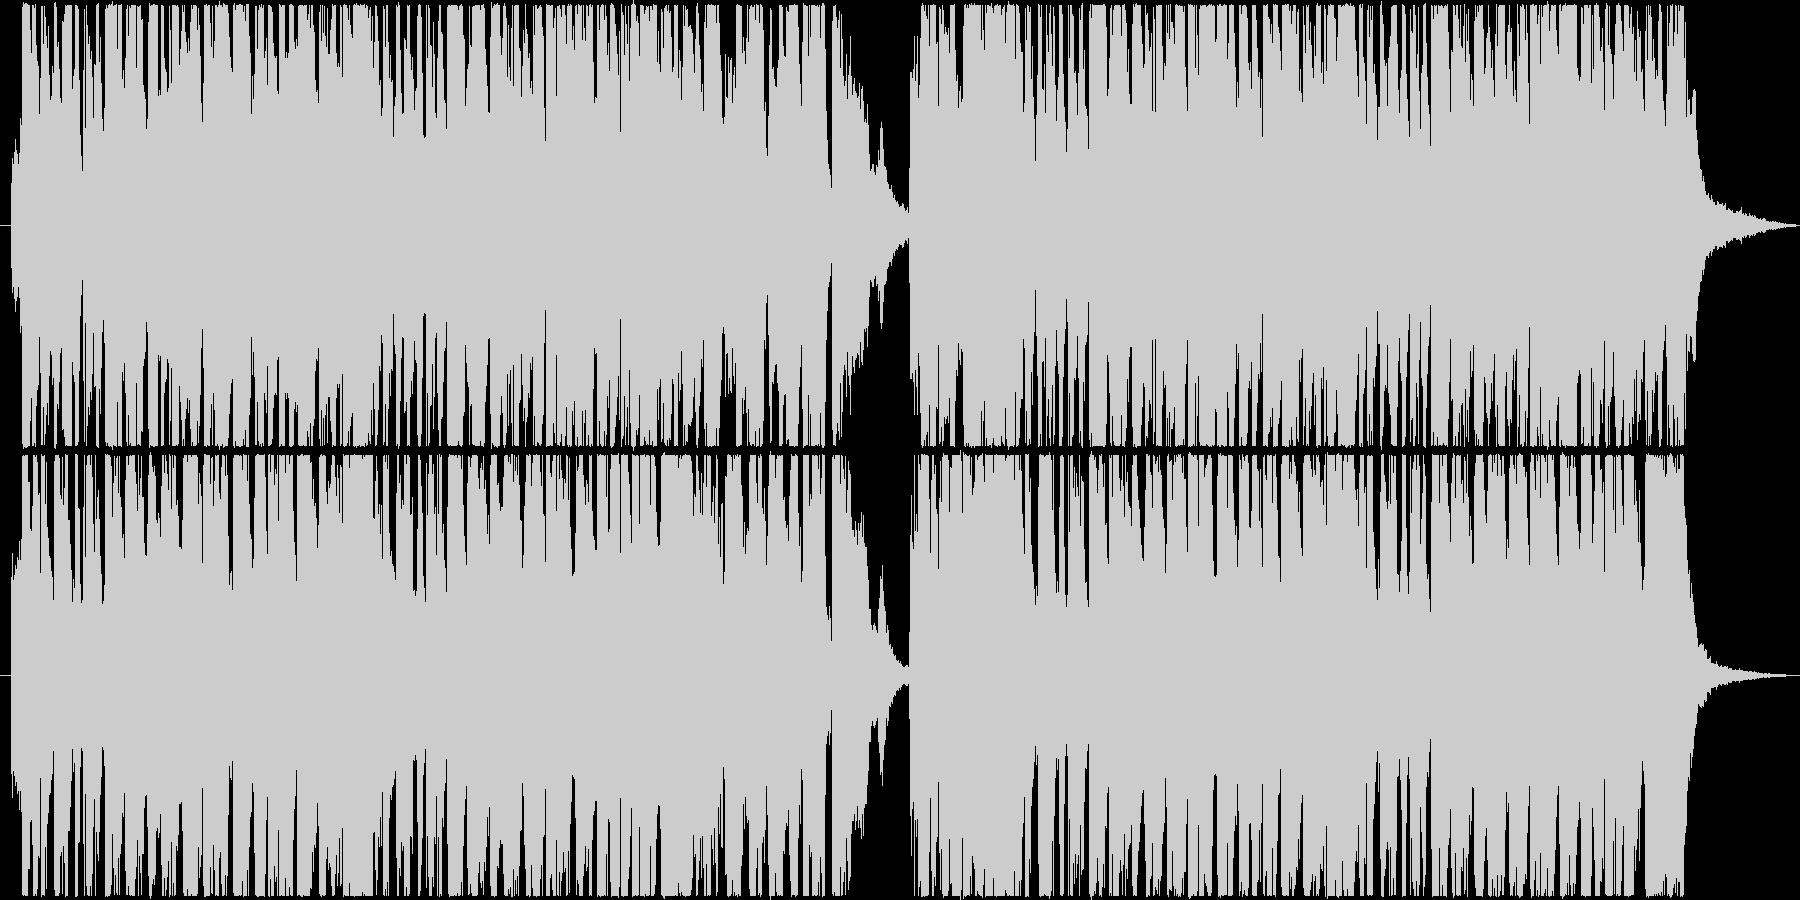 ポップで軽快なリズムの陽気で前向きな曲の未再生の波形